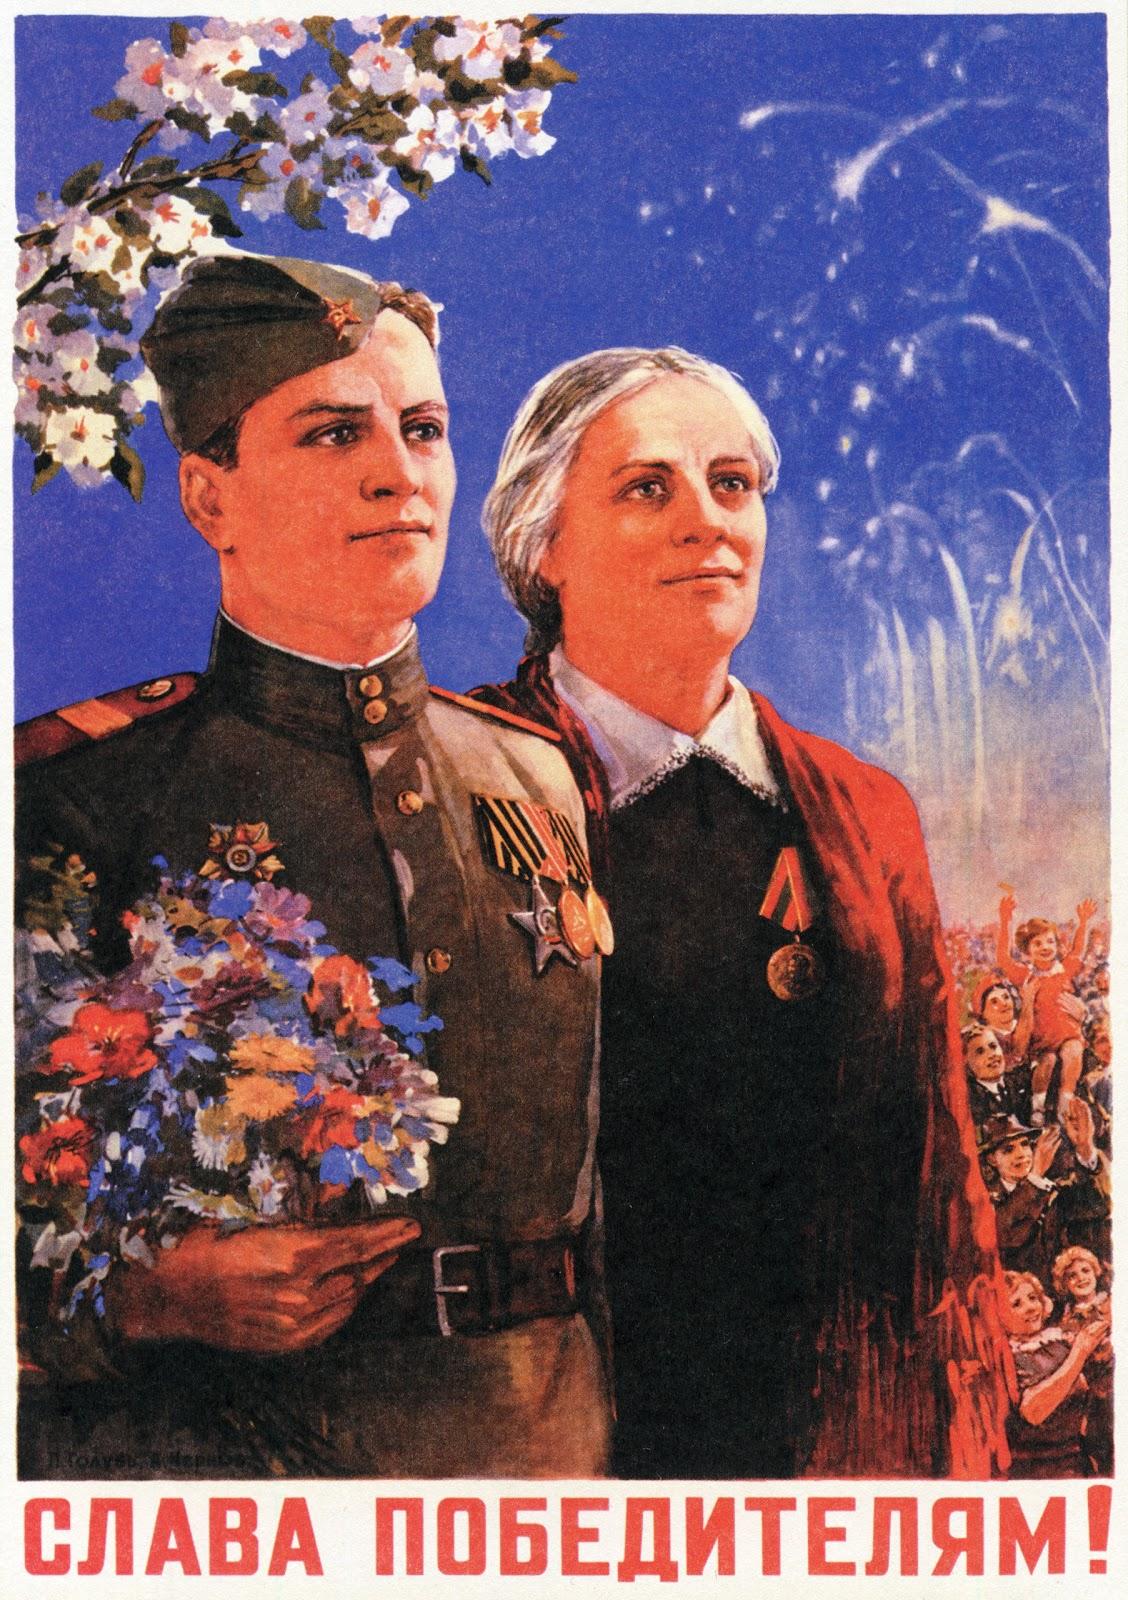 Radzieckie Plakaty Propagandowe Z Okresu Ii Wojny światowej